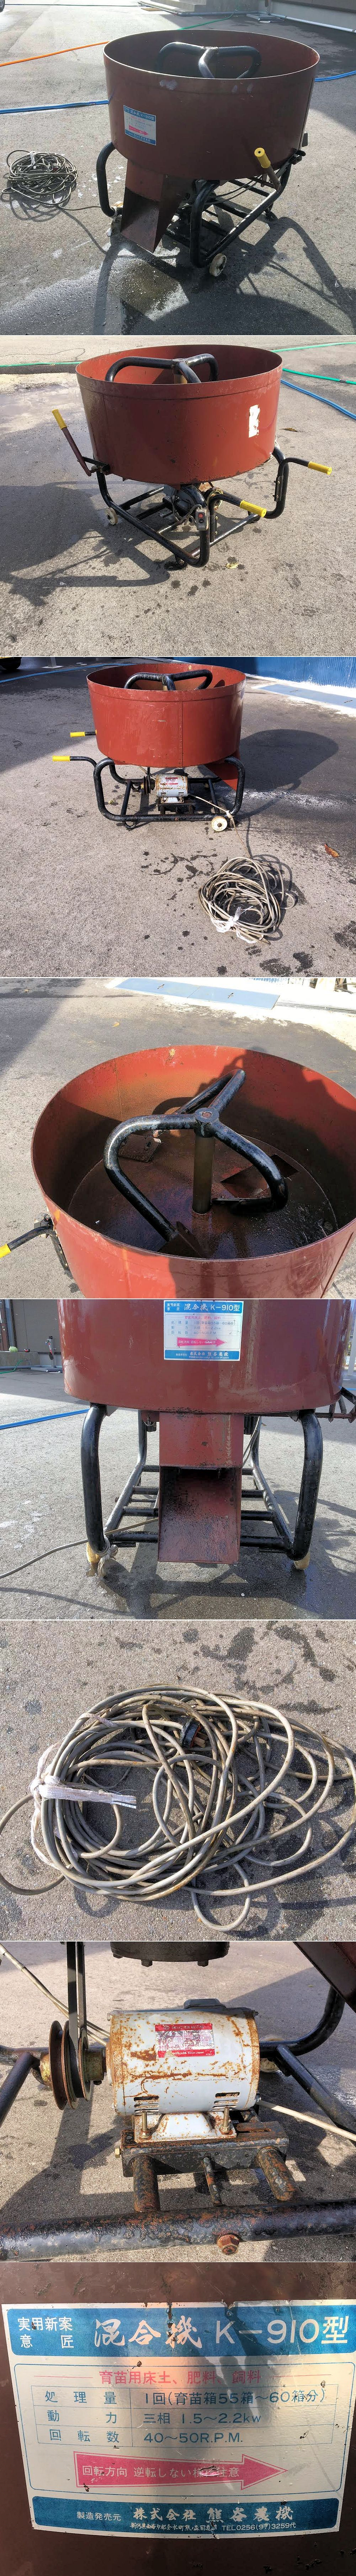 混合機 攪拌機 モルタルミキサー ミキサー K-910型 中古